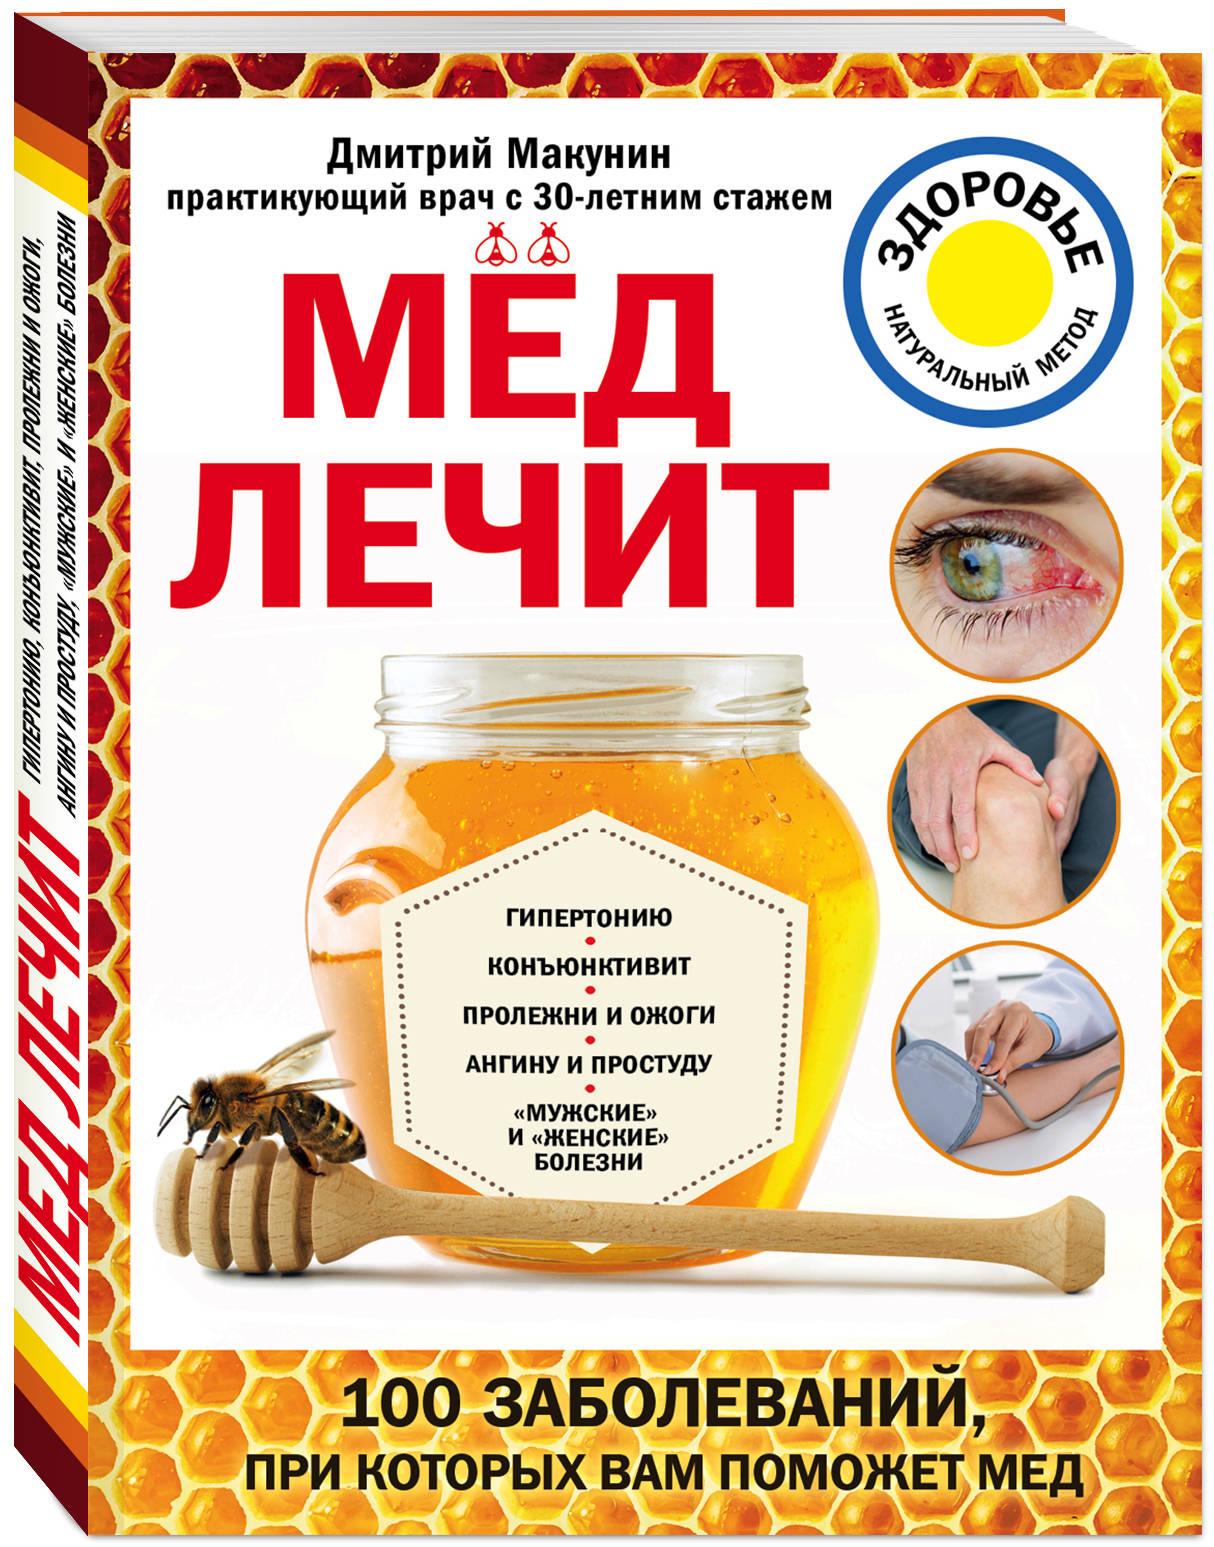 Макунин Д.А. Мед лечит: гипертонию, конъюктивит, пролежни и ожоги, мужские и женские болезни как фермеру быстро продать мед